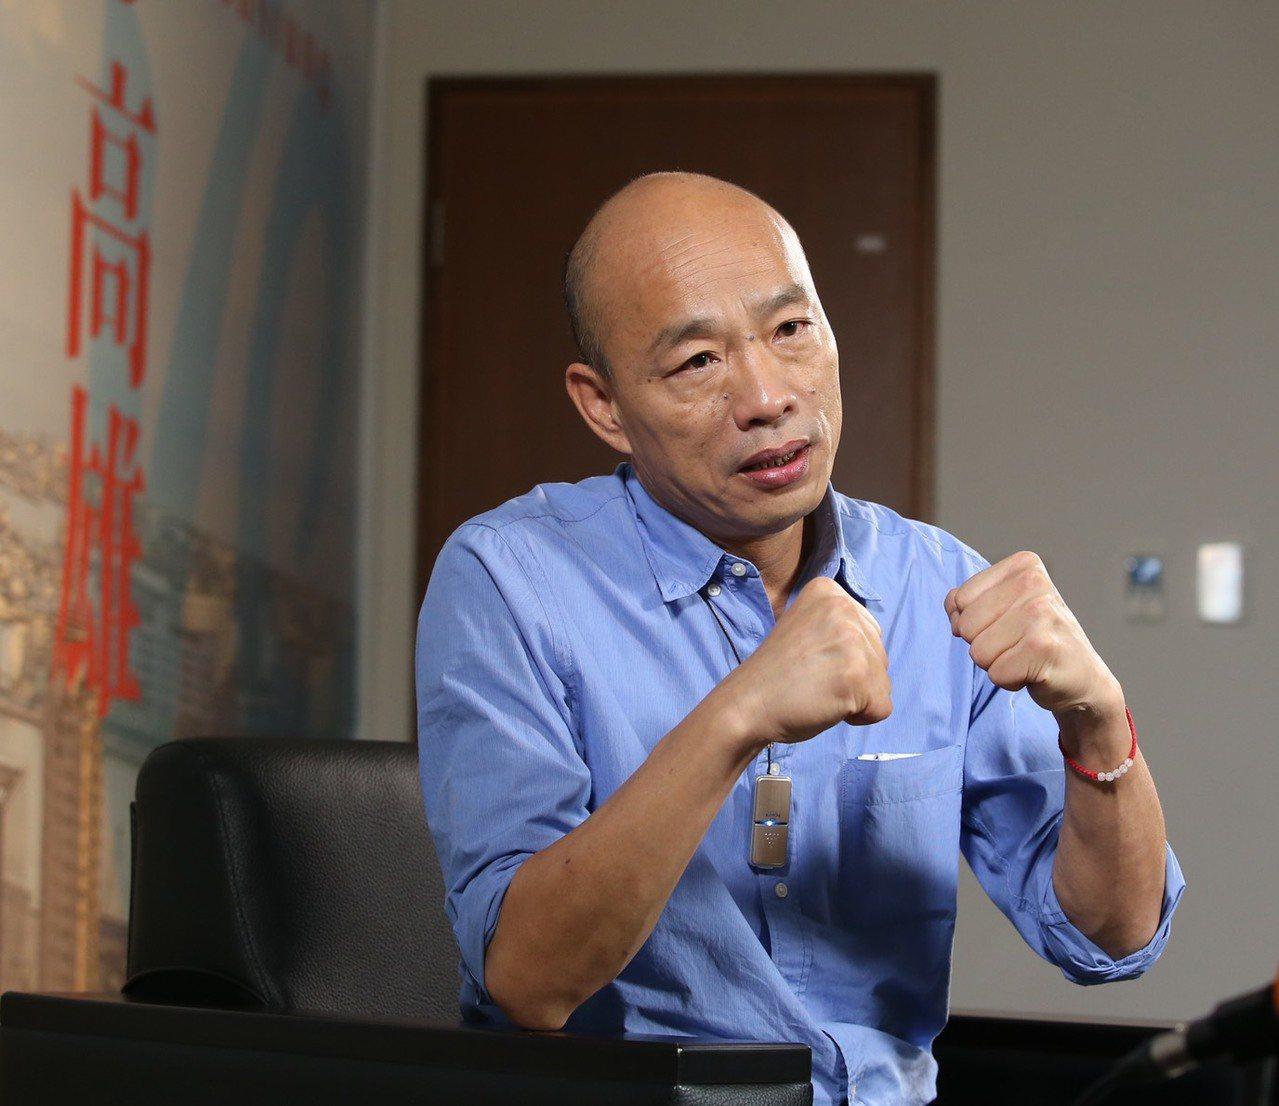 韓國瑜表示,未來國政顧問團的名單,會統一對外說明,陣容堅強。報系資料照